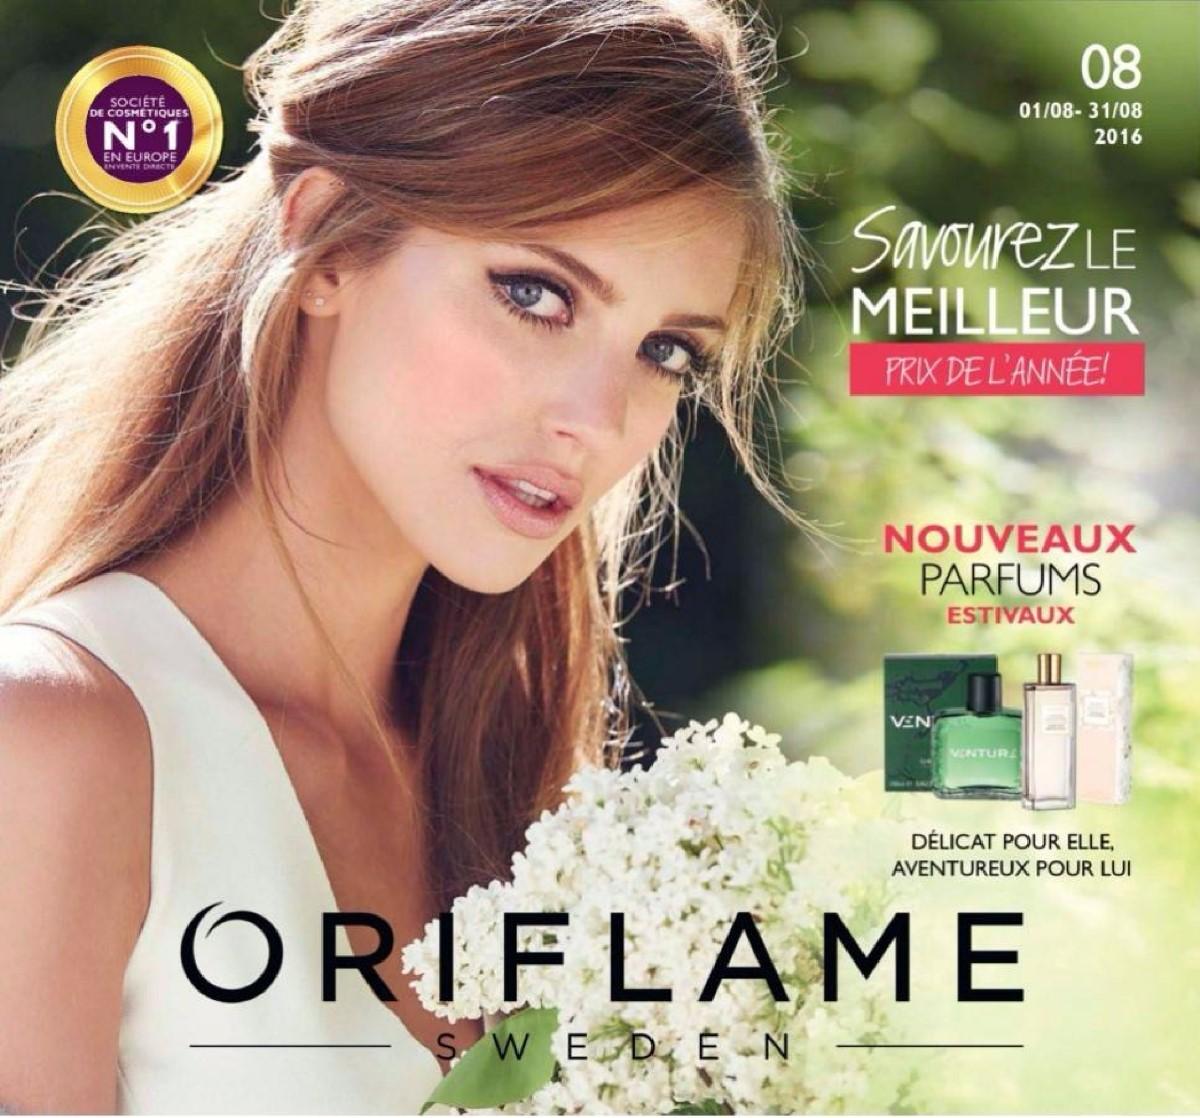 oriflam_001